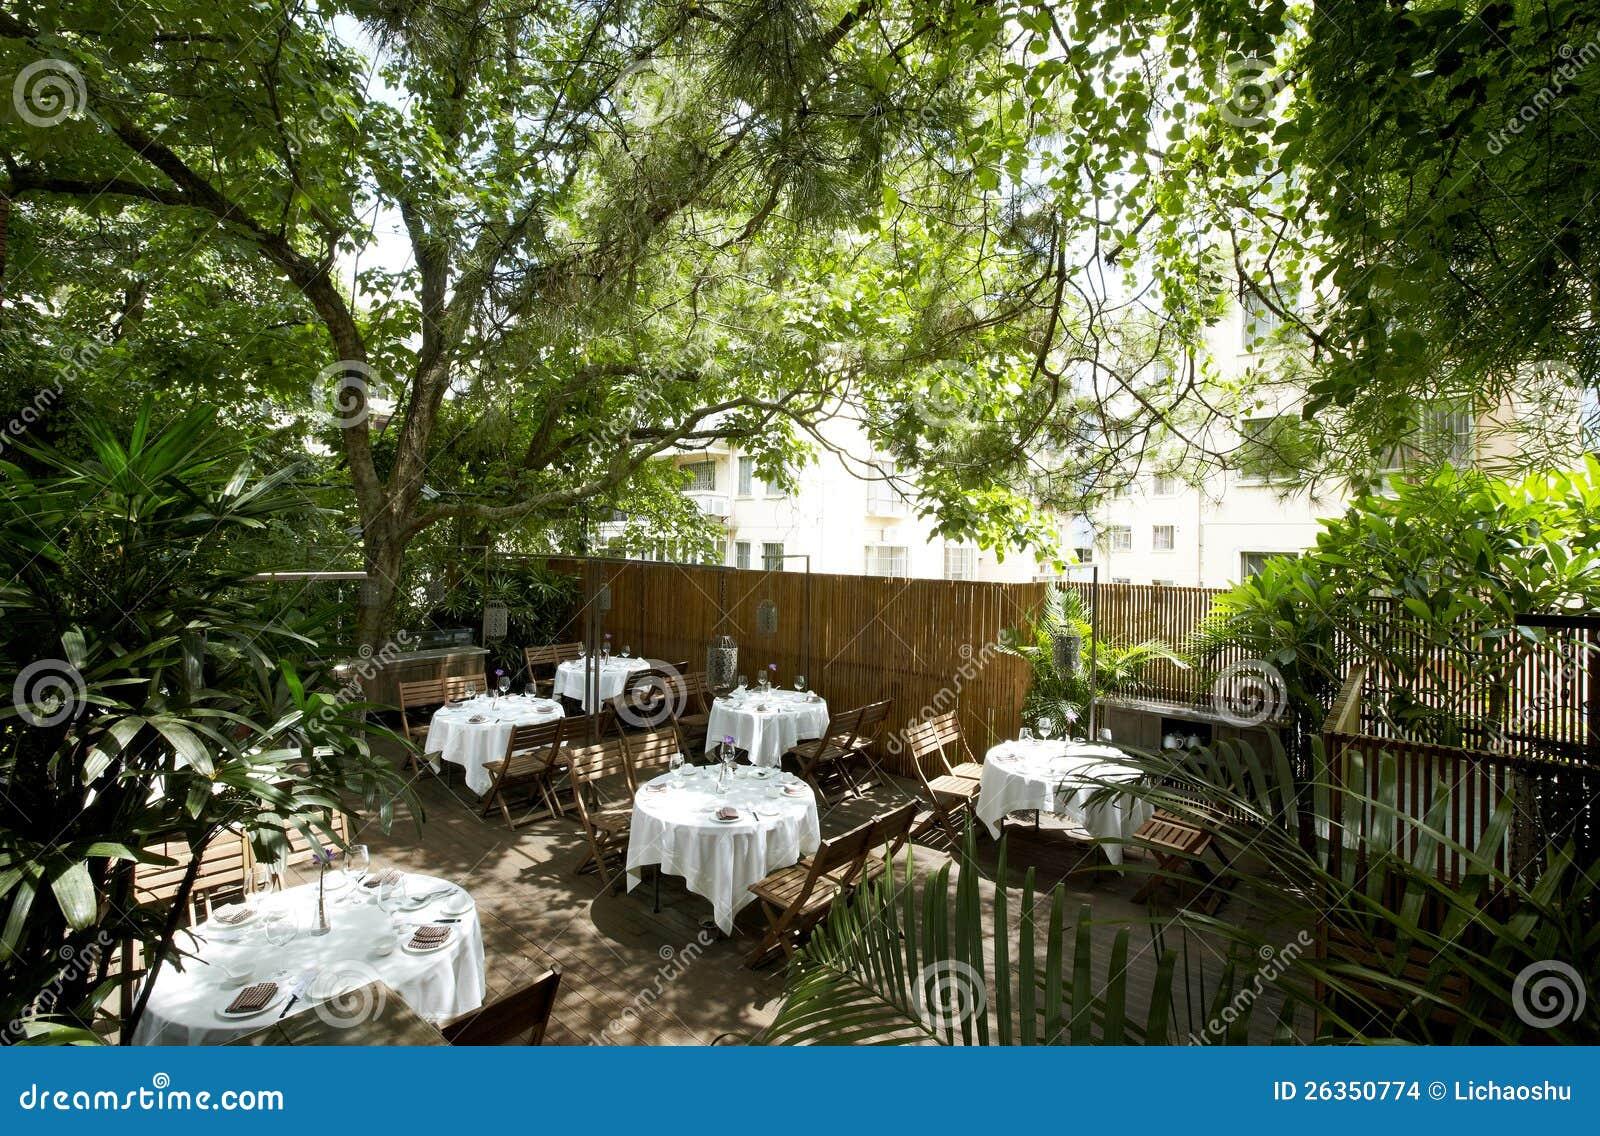 Die schöne Gartengaststätte